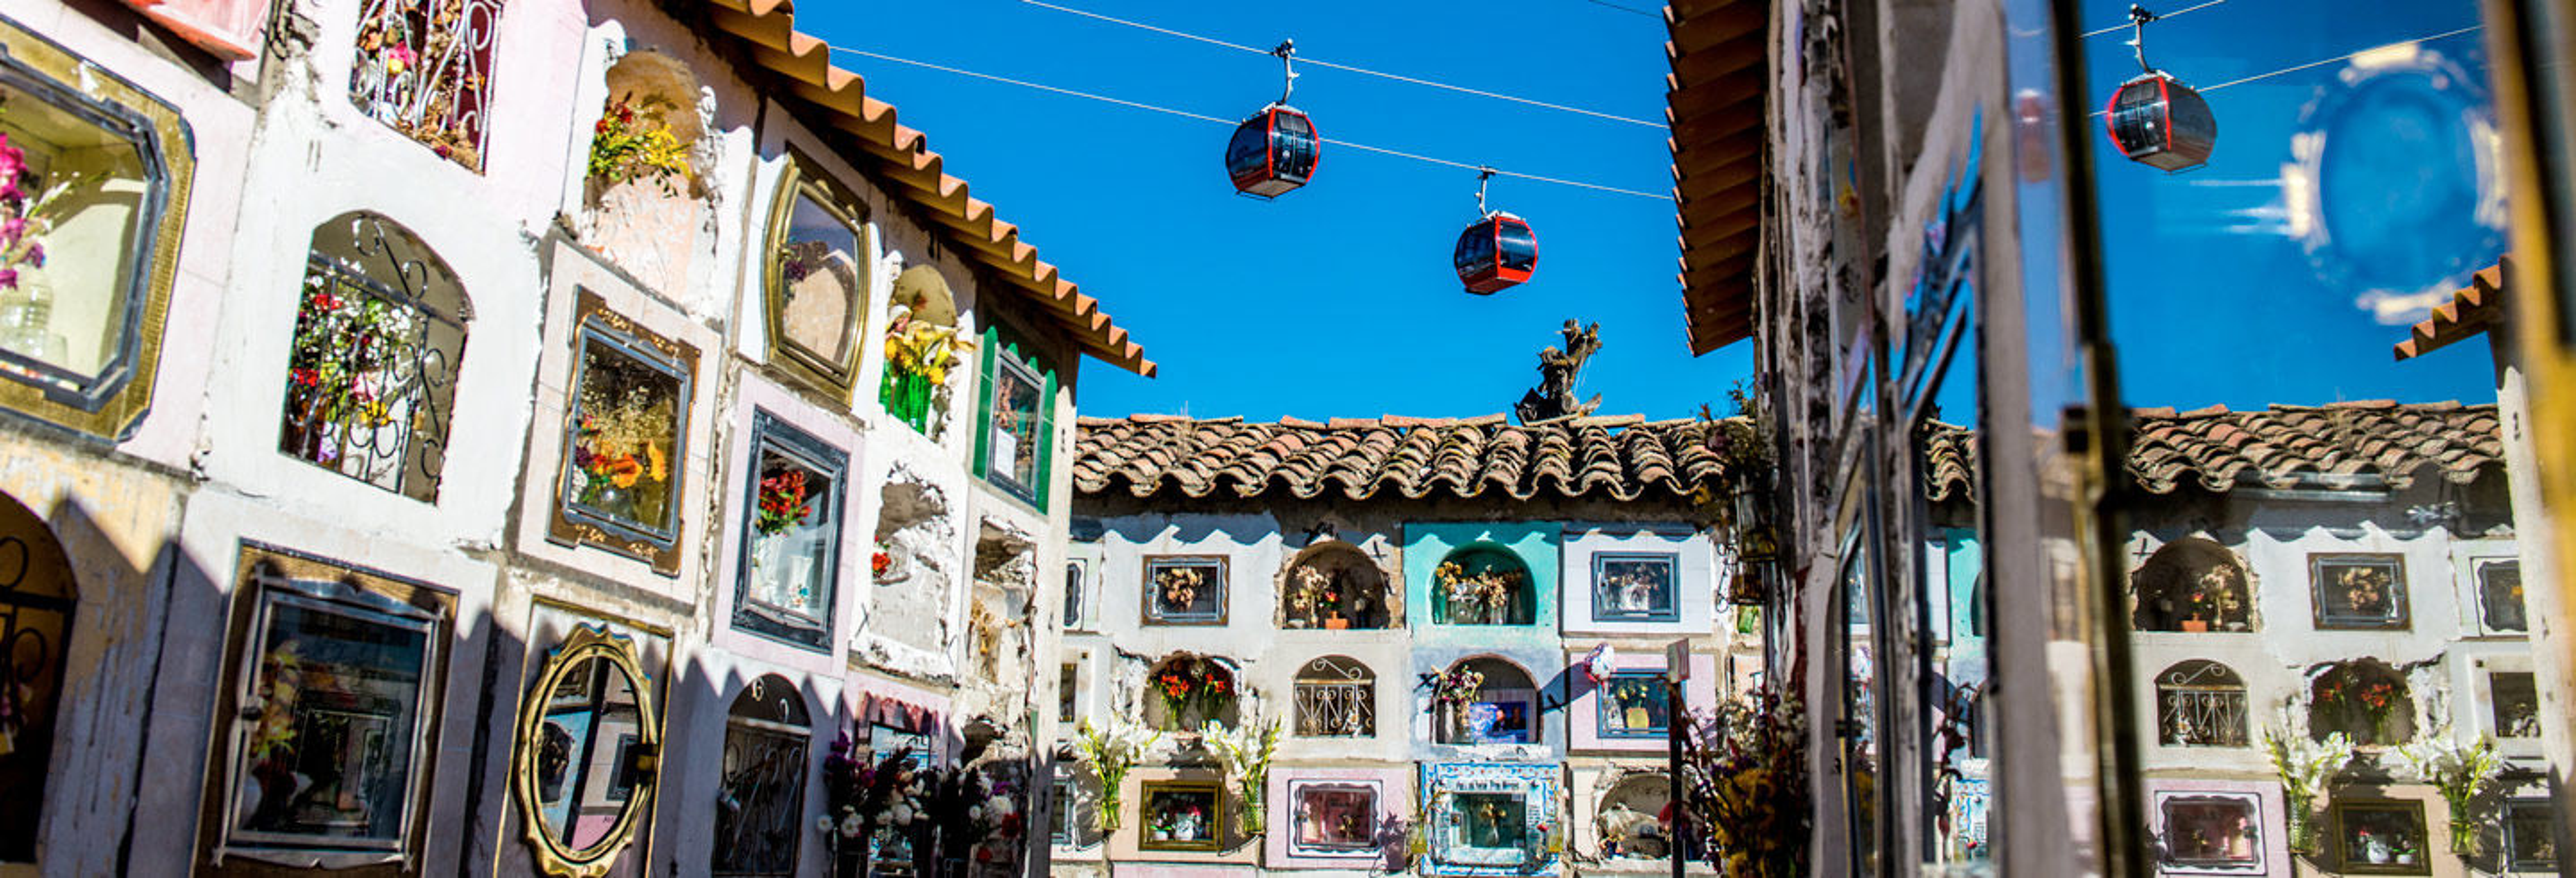 Visite des quartiers alternatifs de La Paz